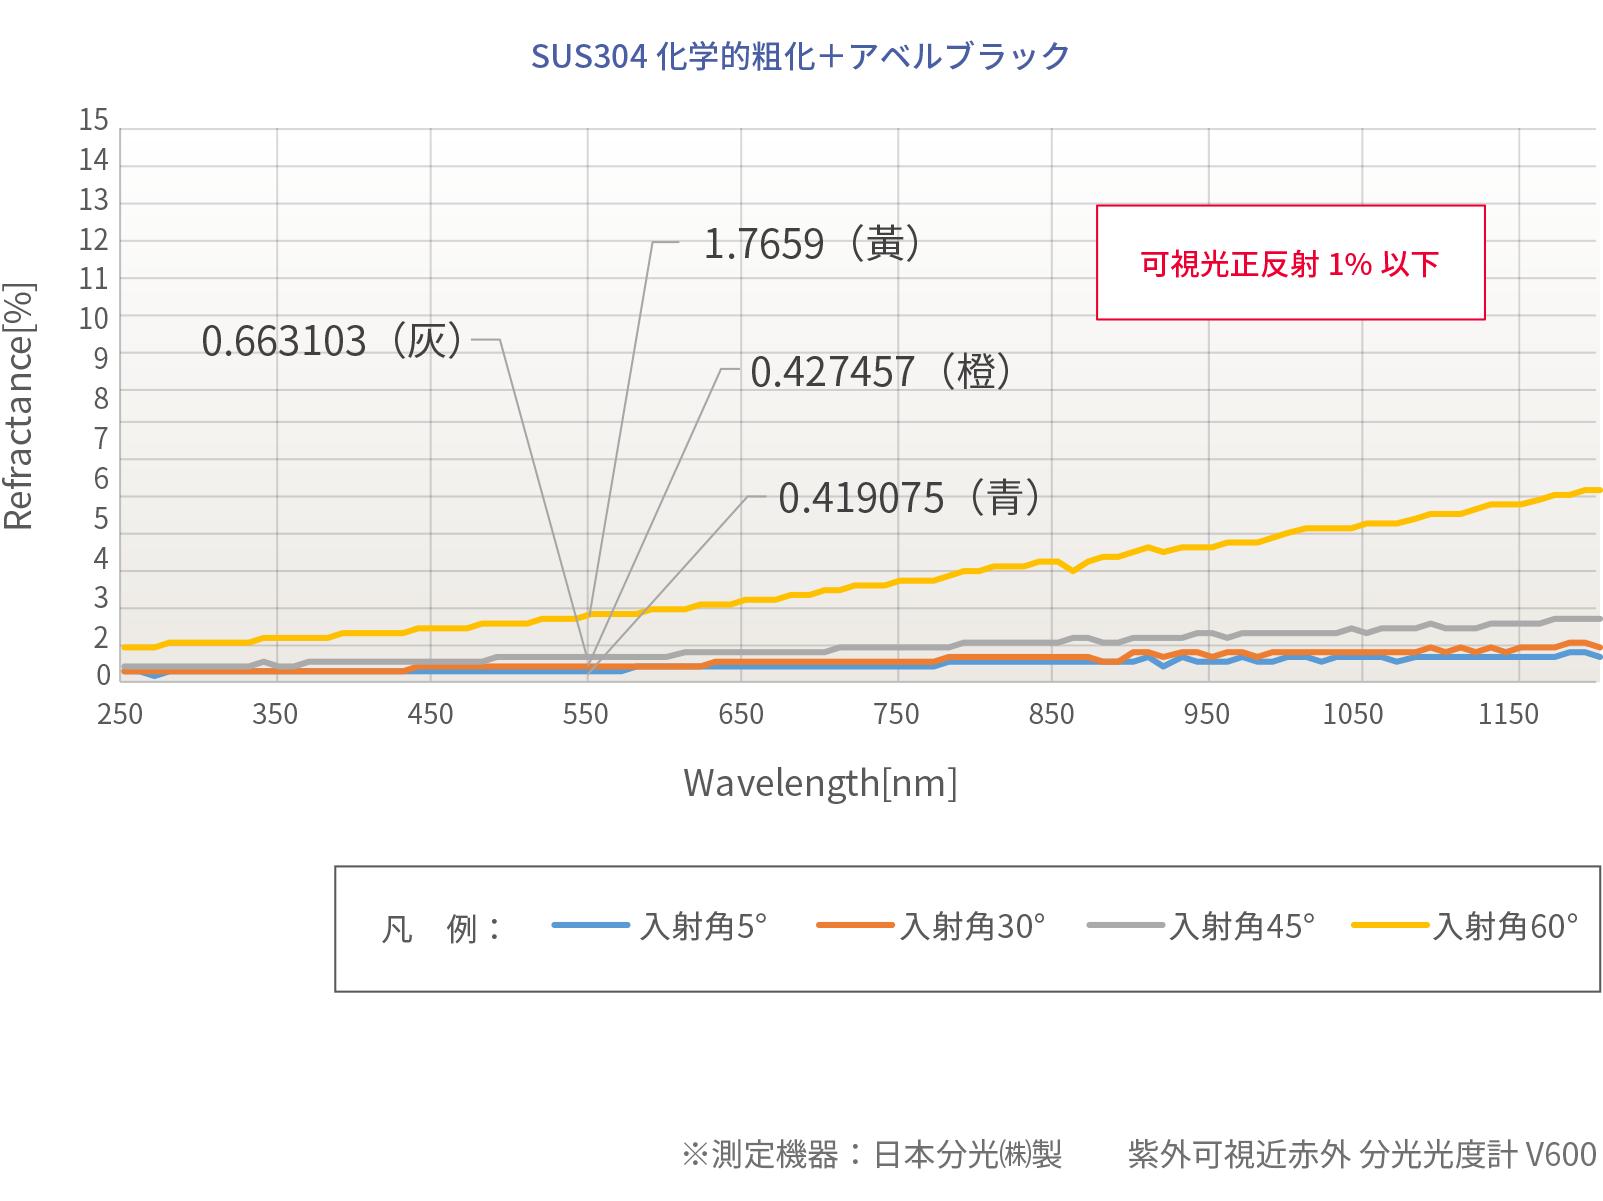 アベルブラック反射率データ SUS304化学的粗化+アベルブラック